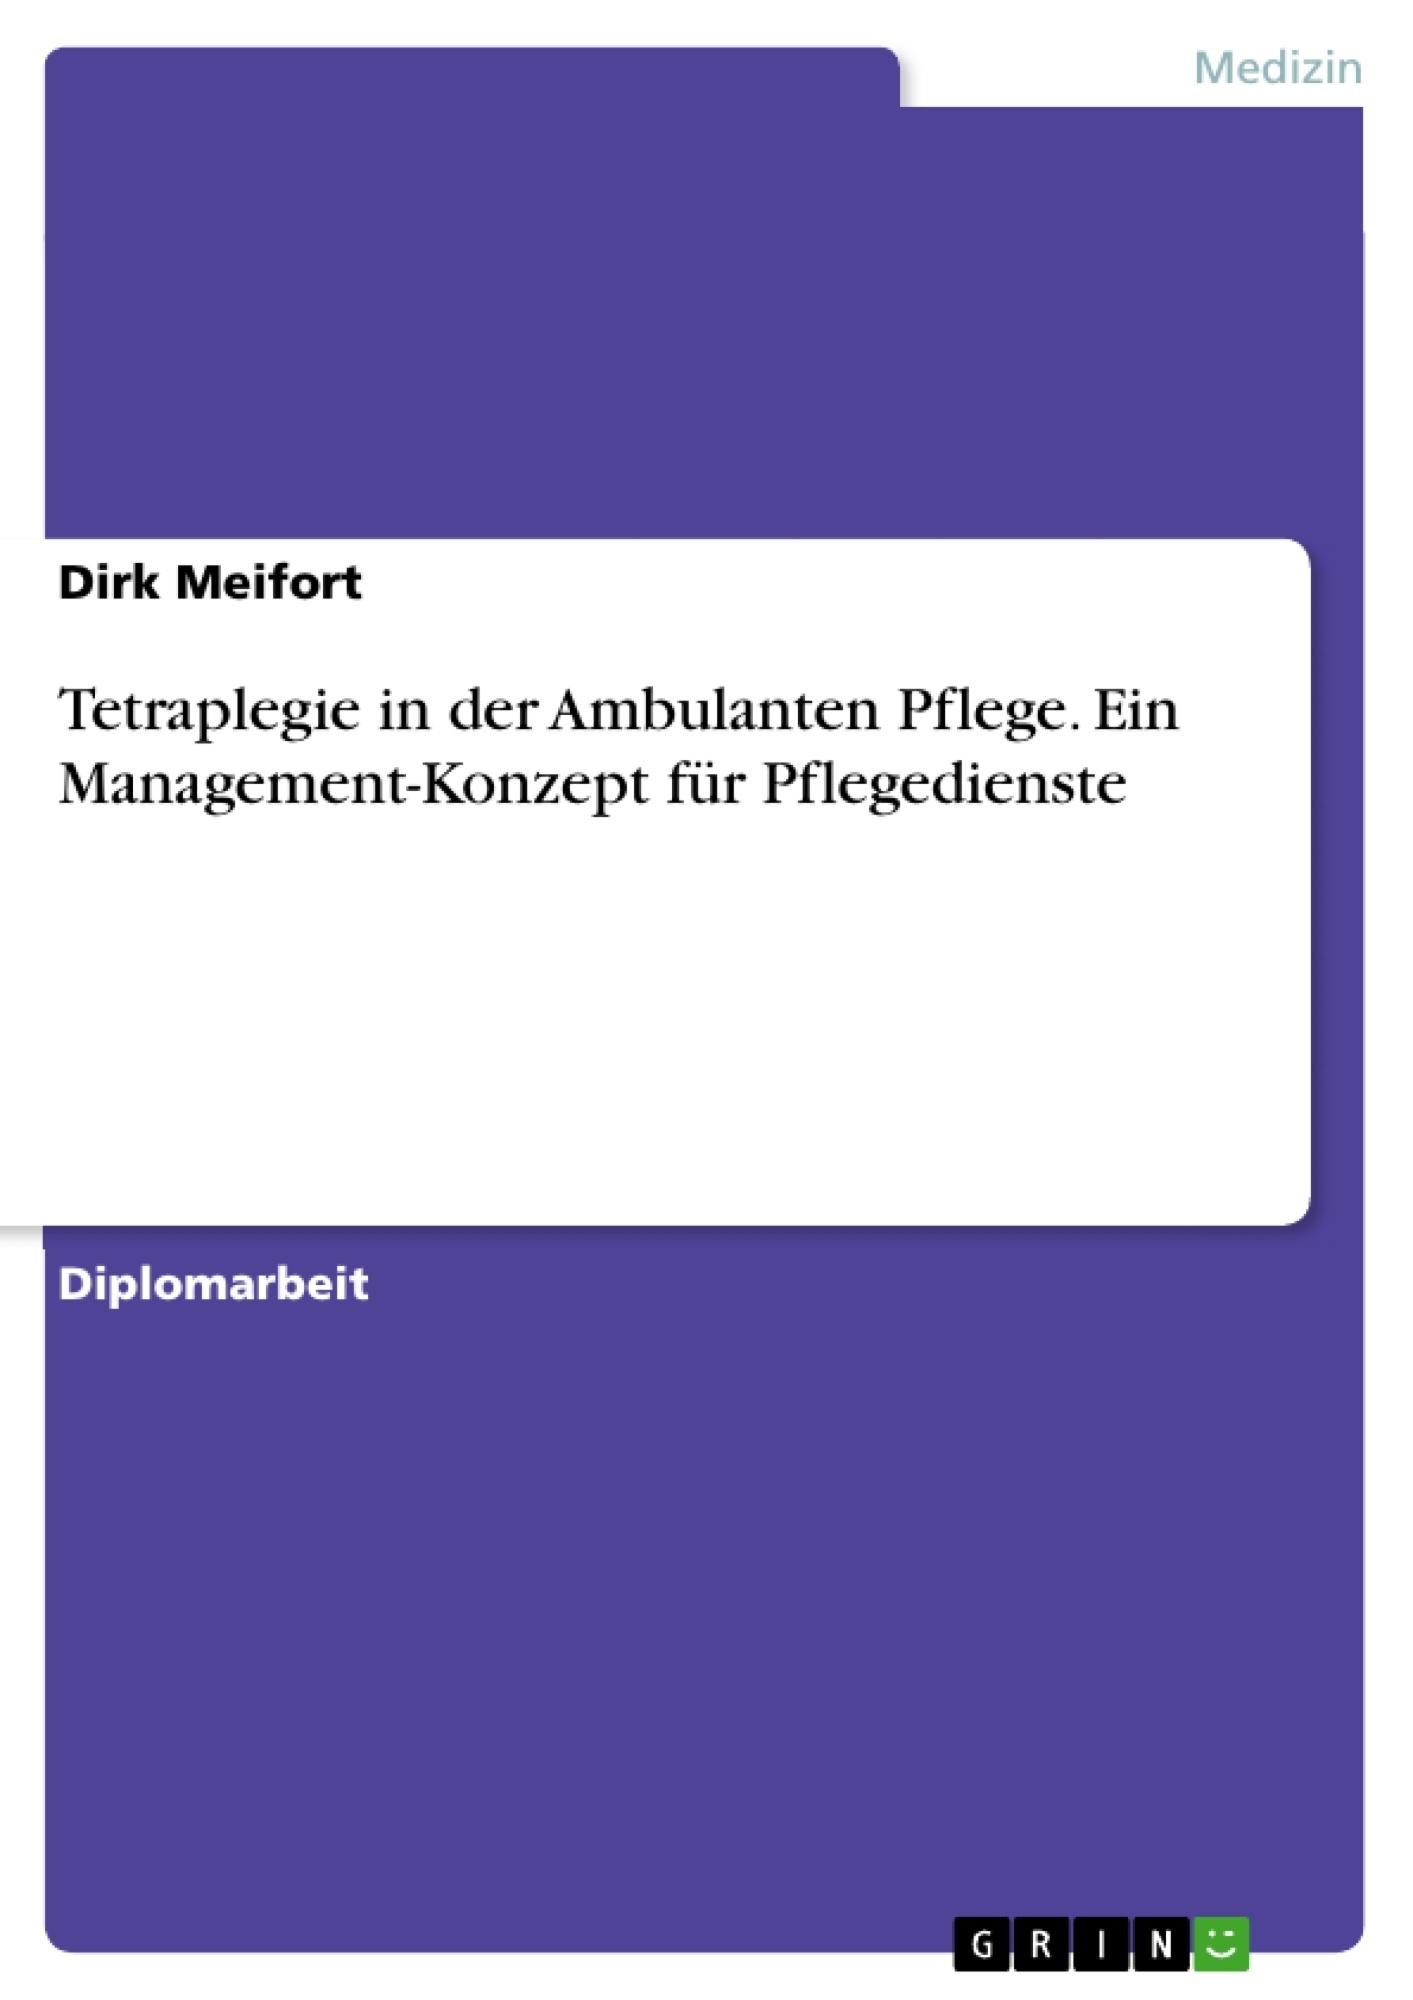 Titel: Tetraplegie in der Ambulanten Pflege. Ein Management-Konzept für Pflegedienste